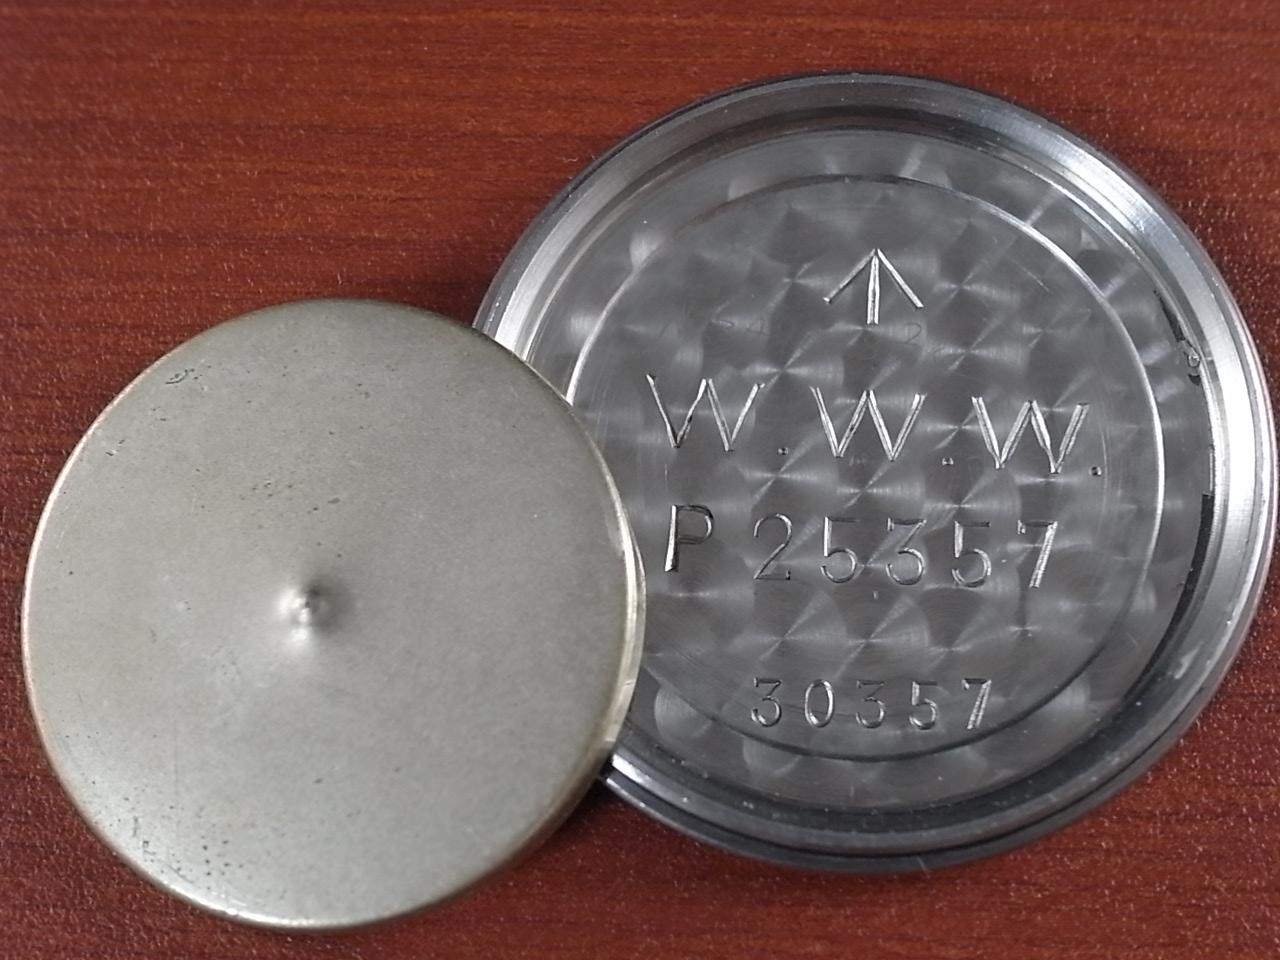 シーマ 軍用時計 英陸軍 W.W.W.  SSラージケース 1940年代の写真6枚目